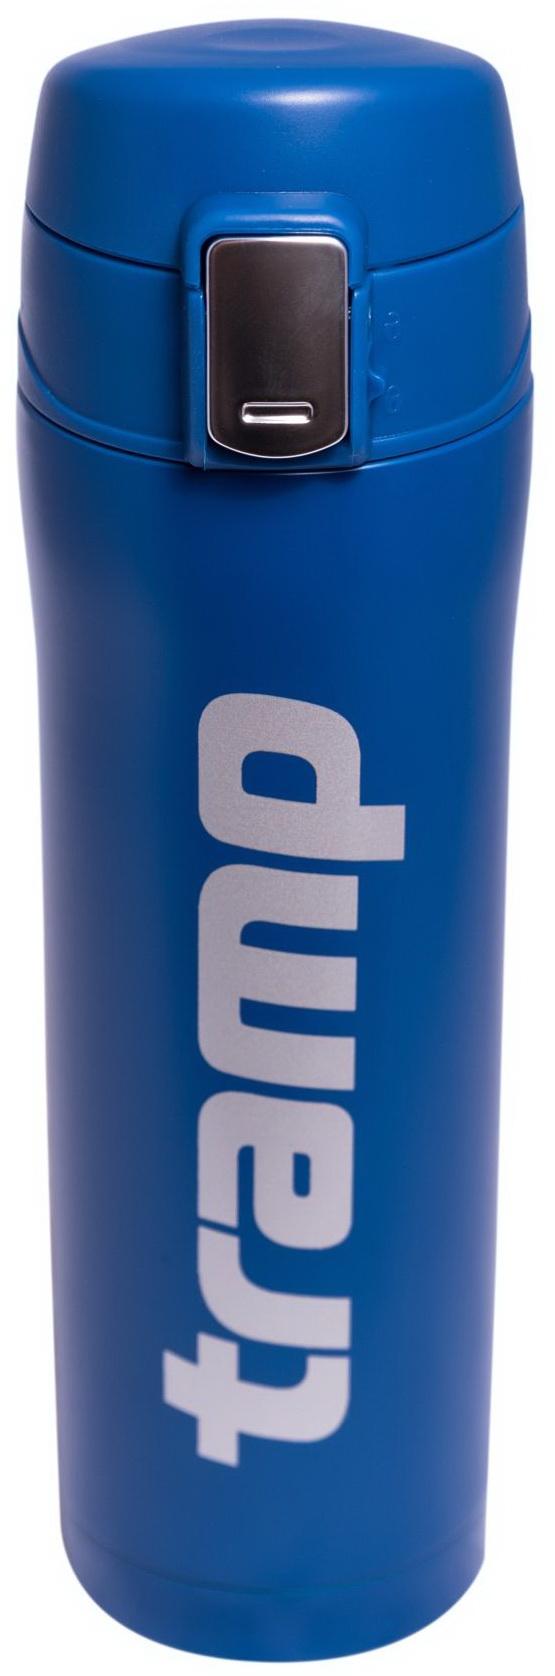 Купить Термос Tramp 0, 45 л синий (TRC-107-blue)